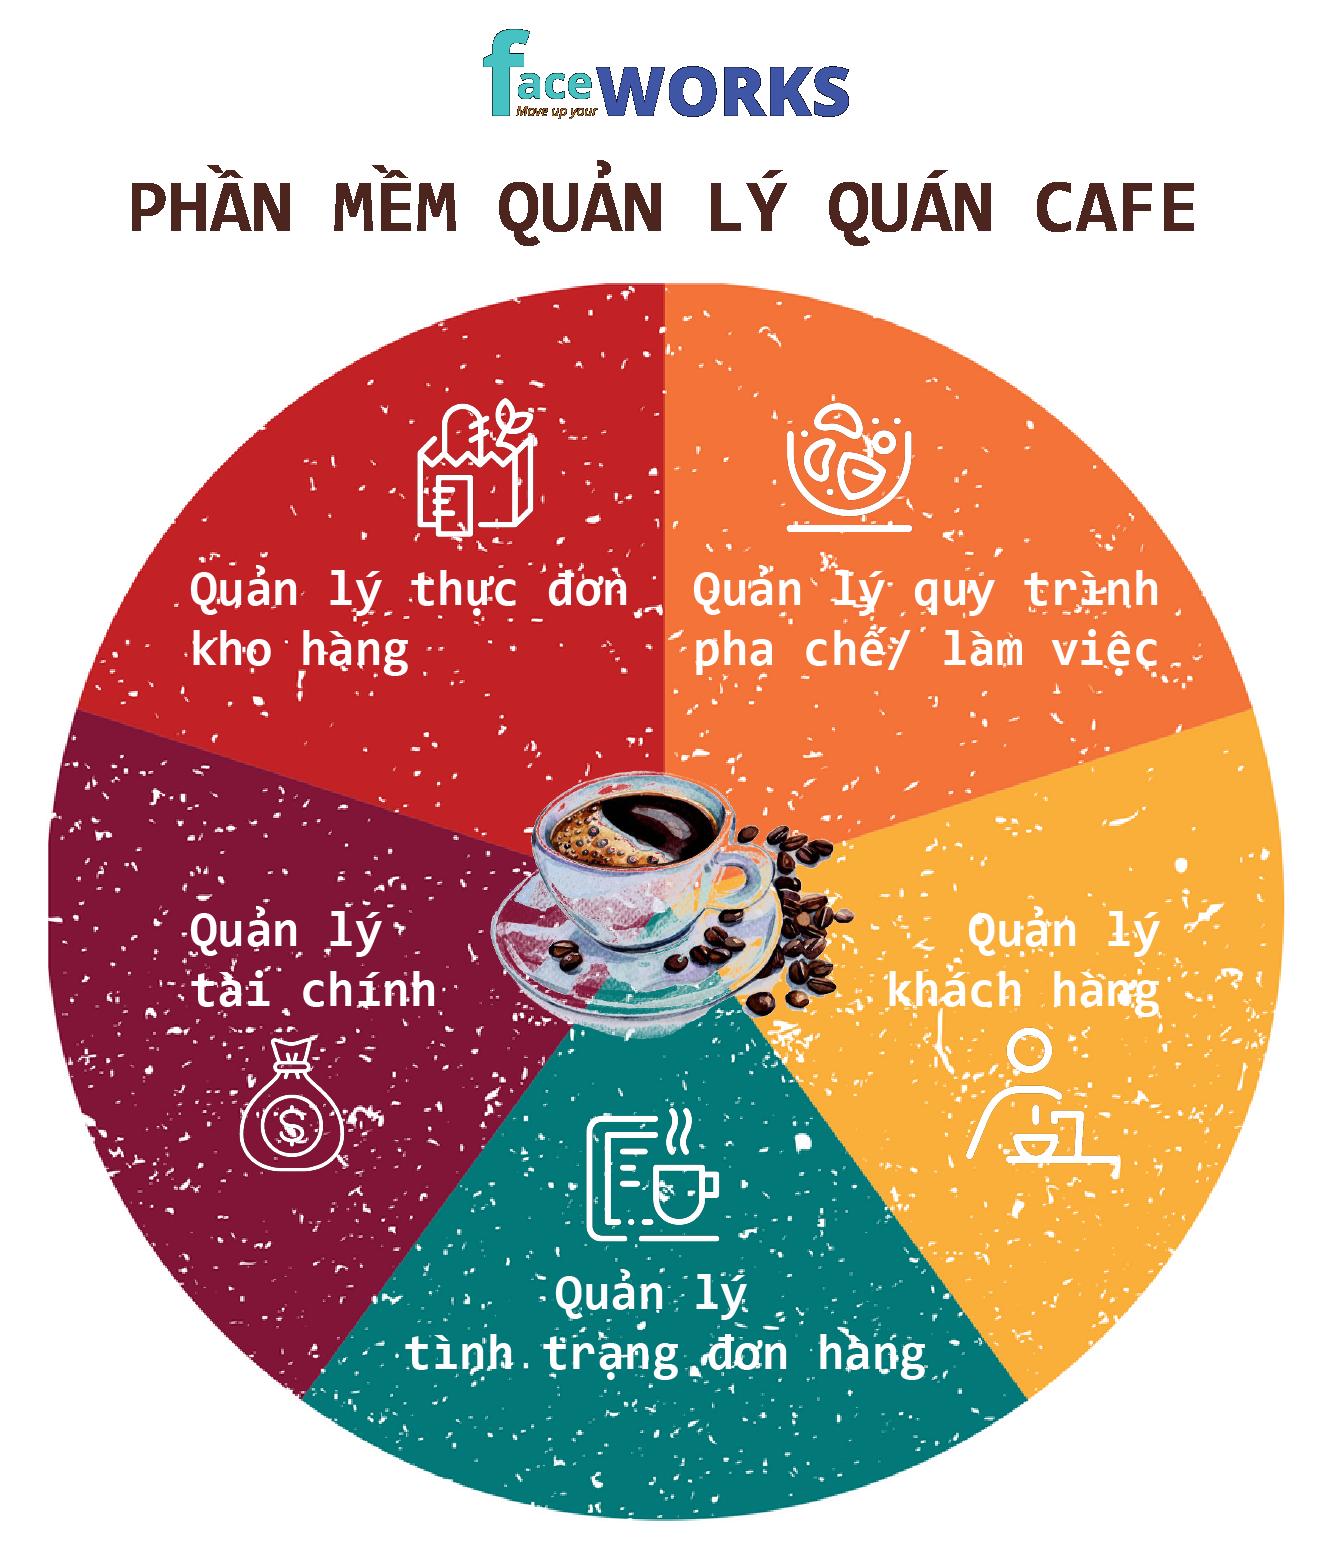 PHAN MEM QUAN LY QUAN CAFE-01